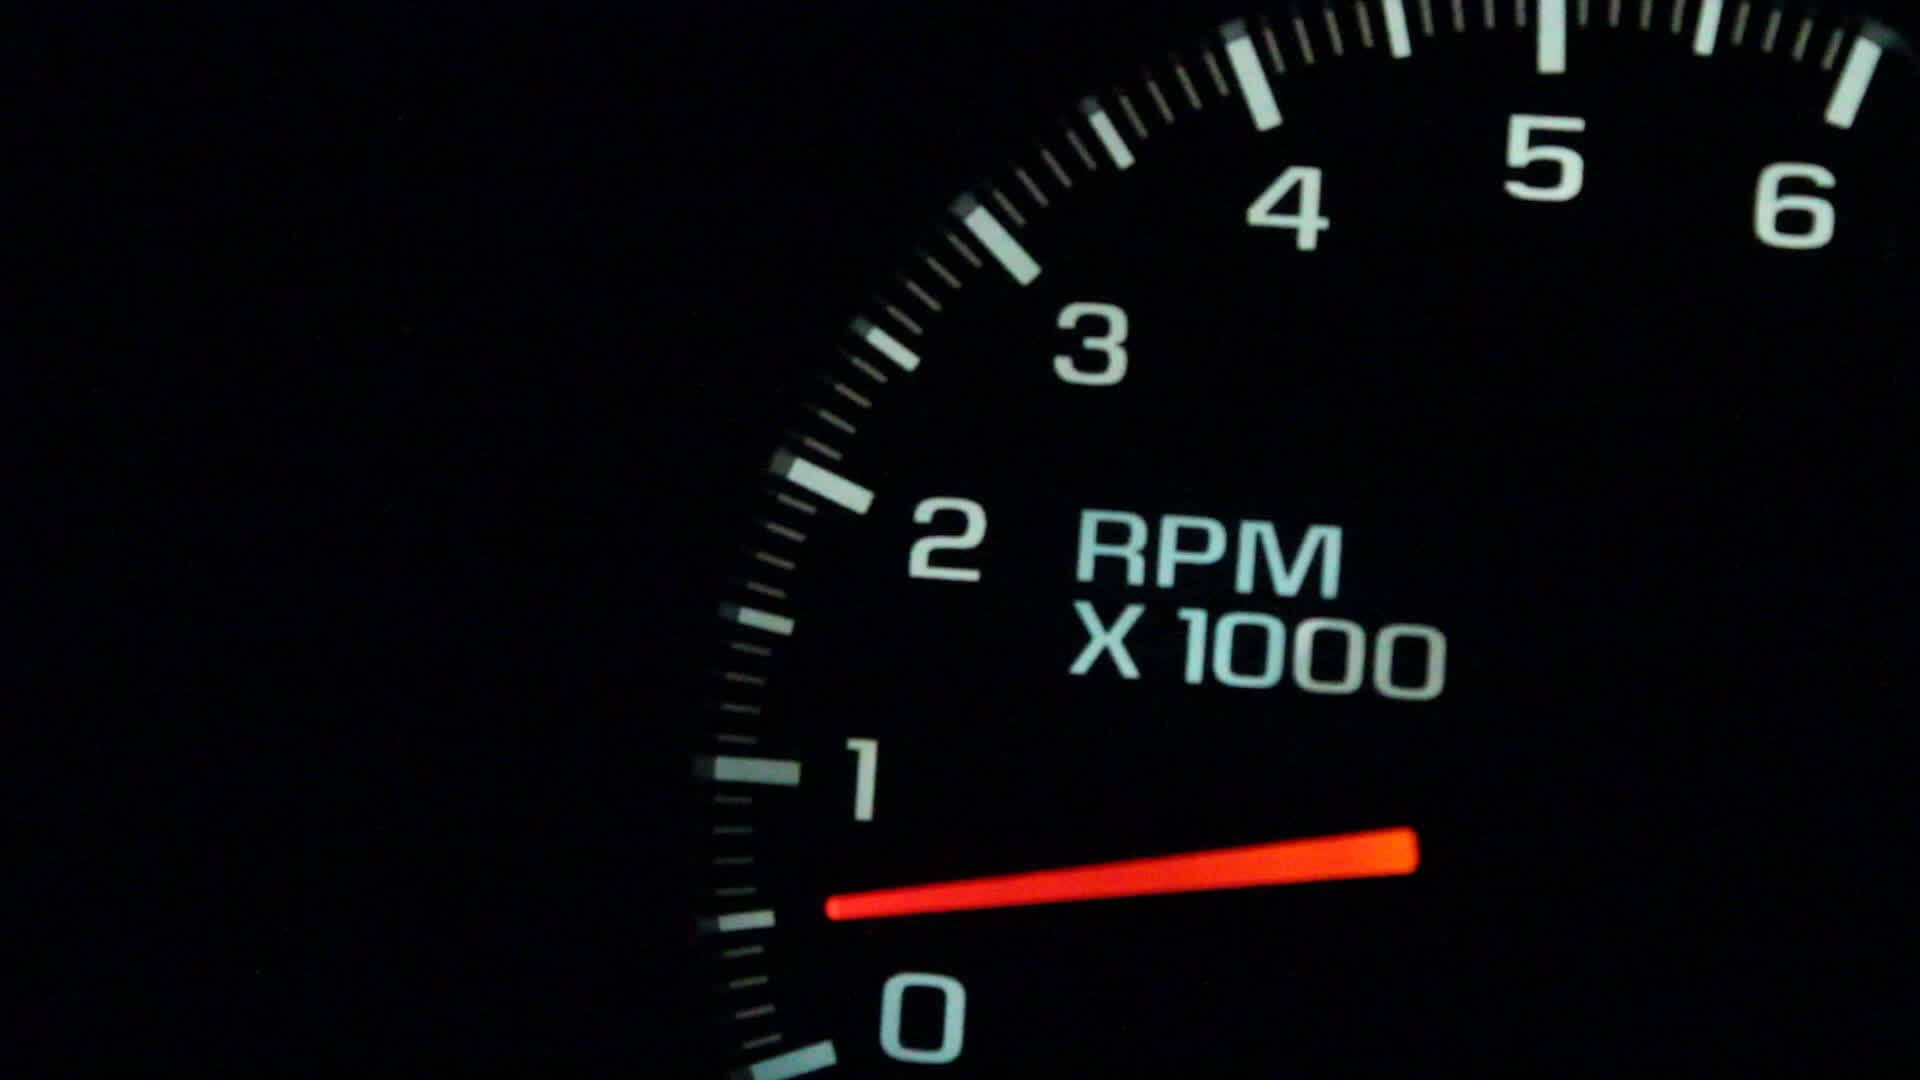 10 اسباب ستؤدي حتماً لخلل في عمل عداد ضغط المحرك